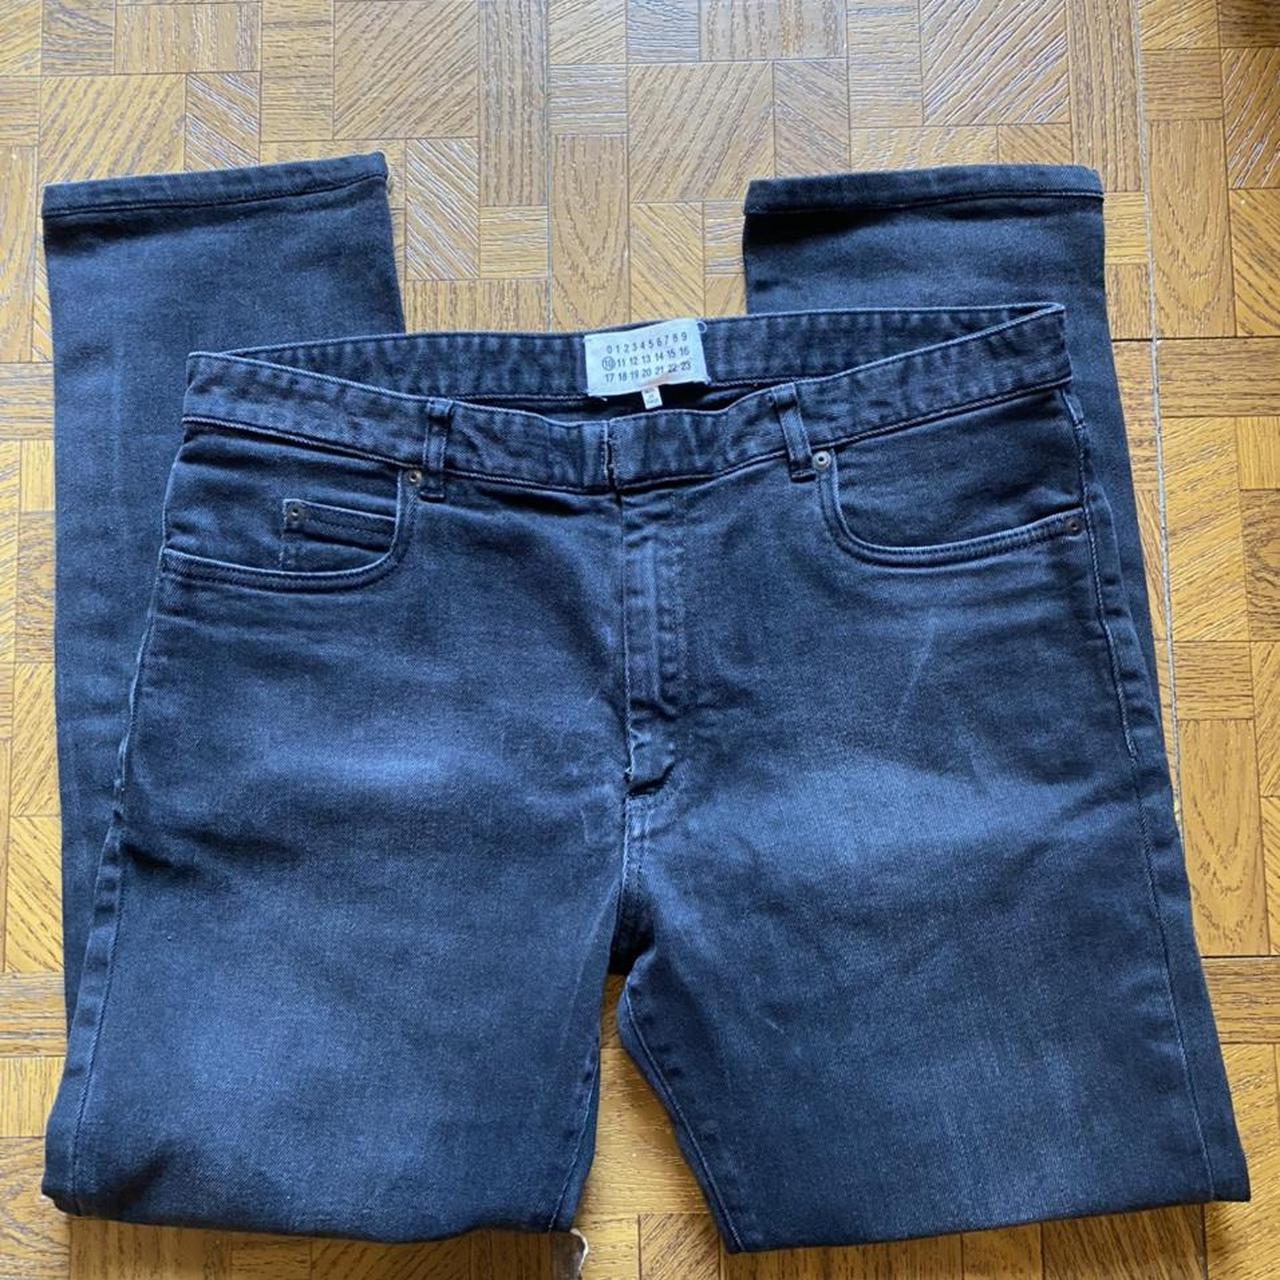 Product Image 1 - 🔥👀NEW MAISON MARGIELA SLIM BLACK